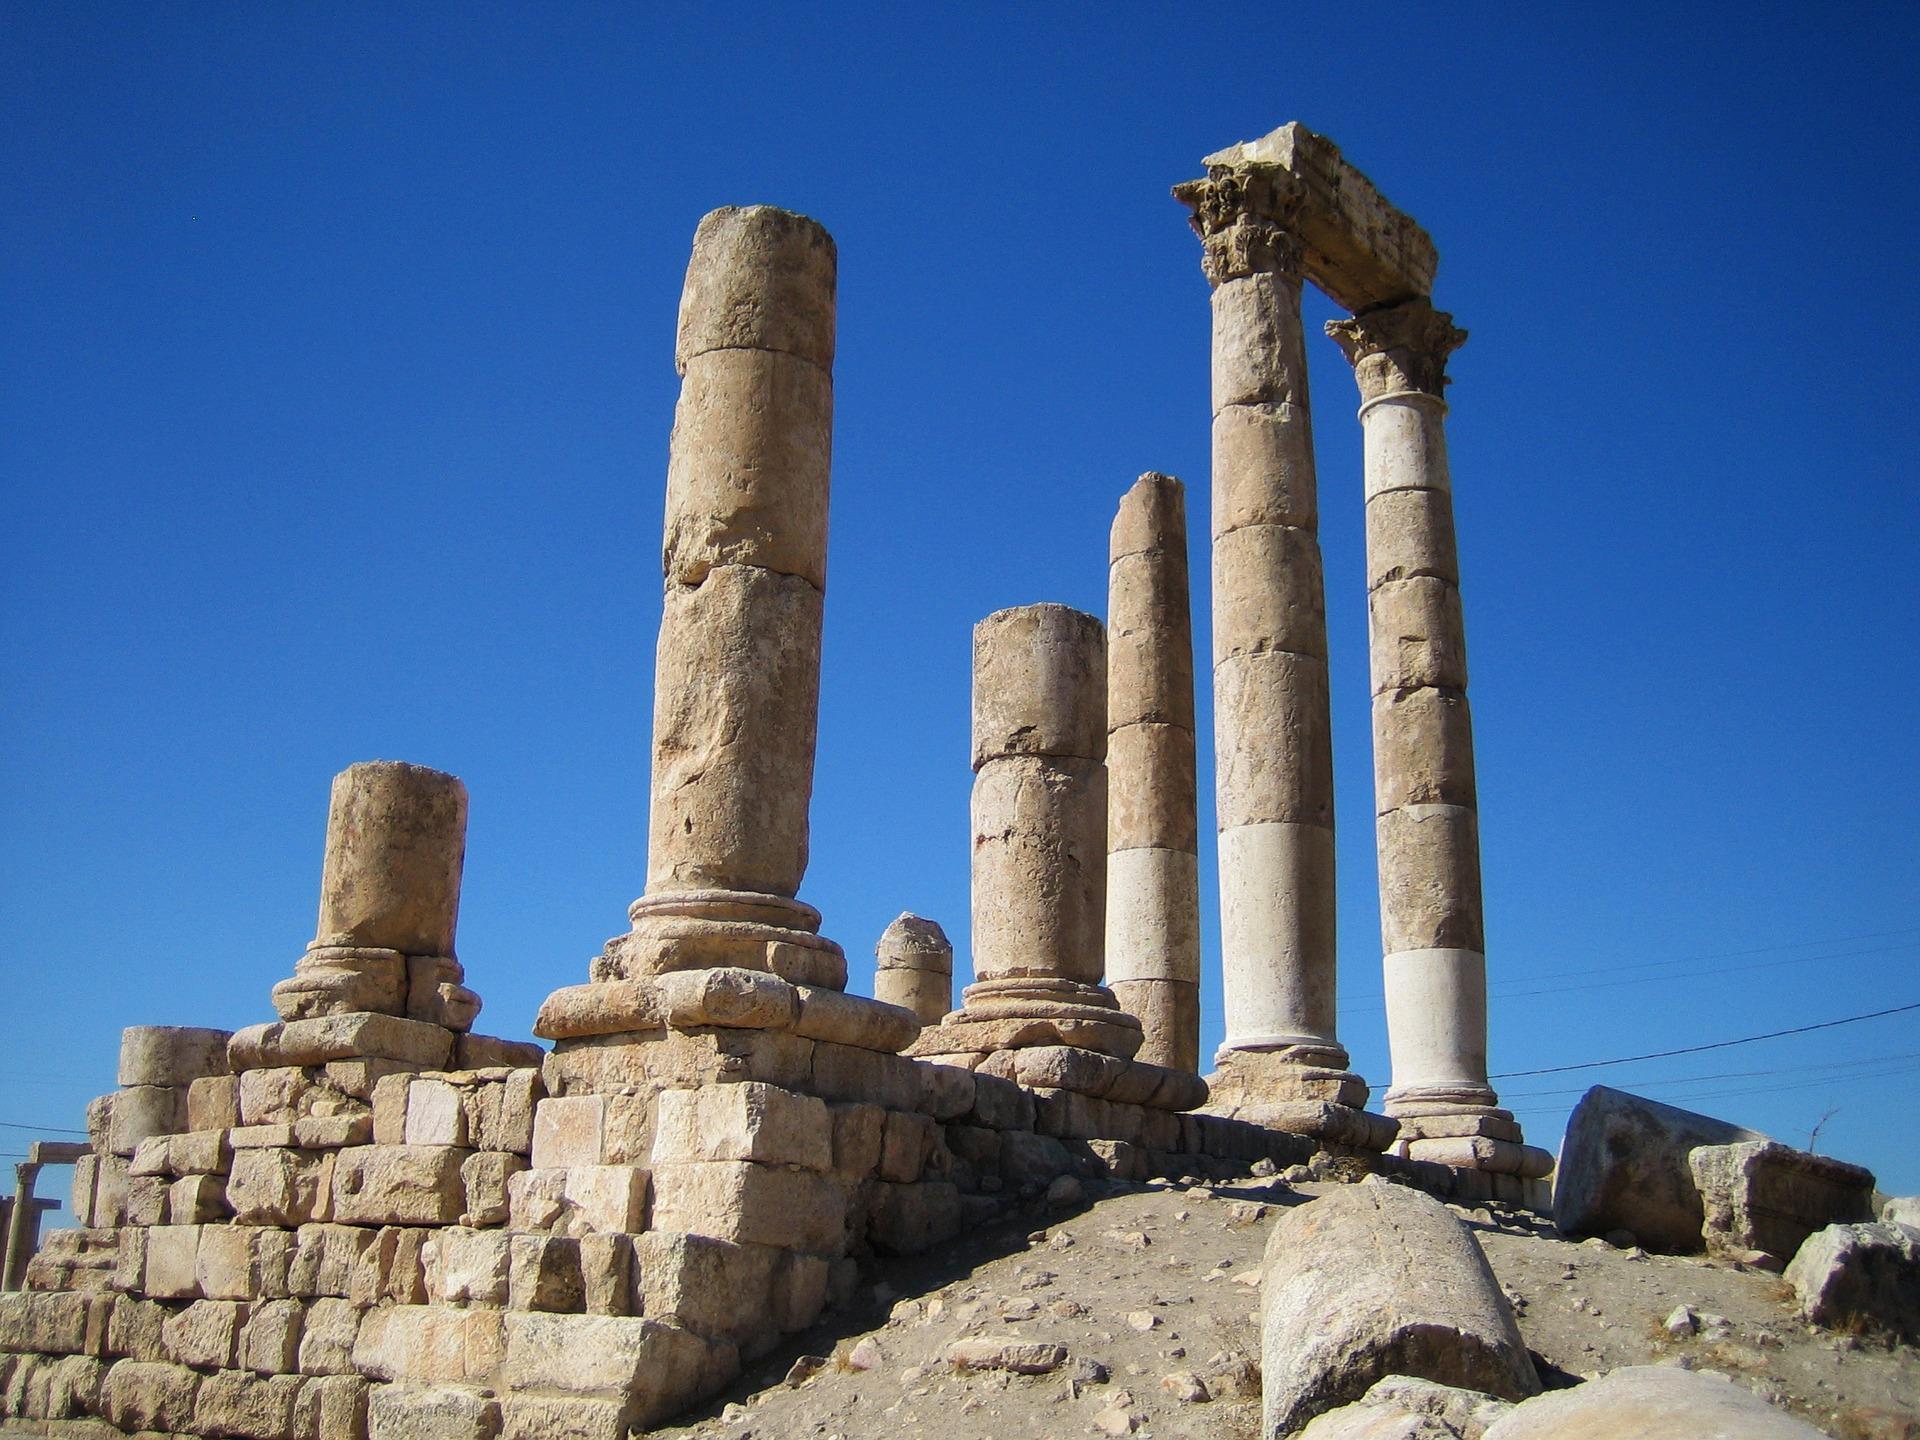 lugares mitologicos que puedes visitar